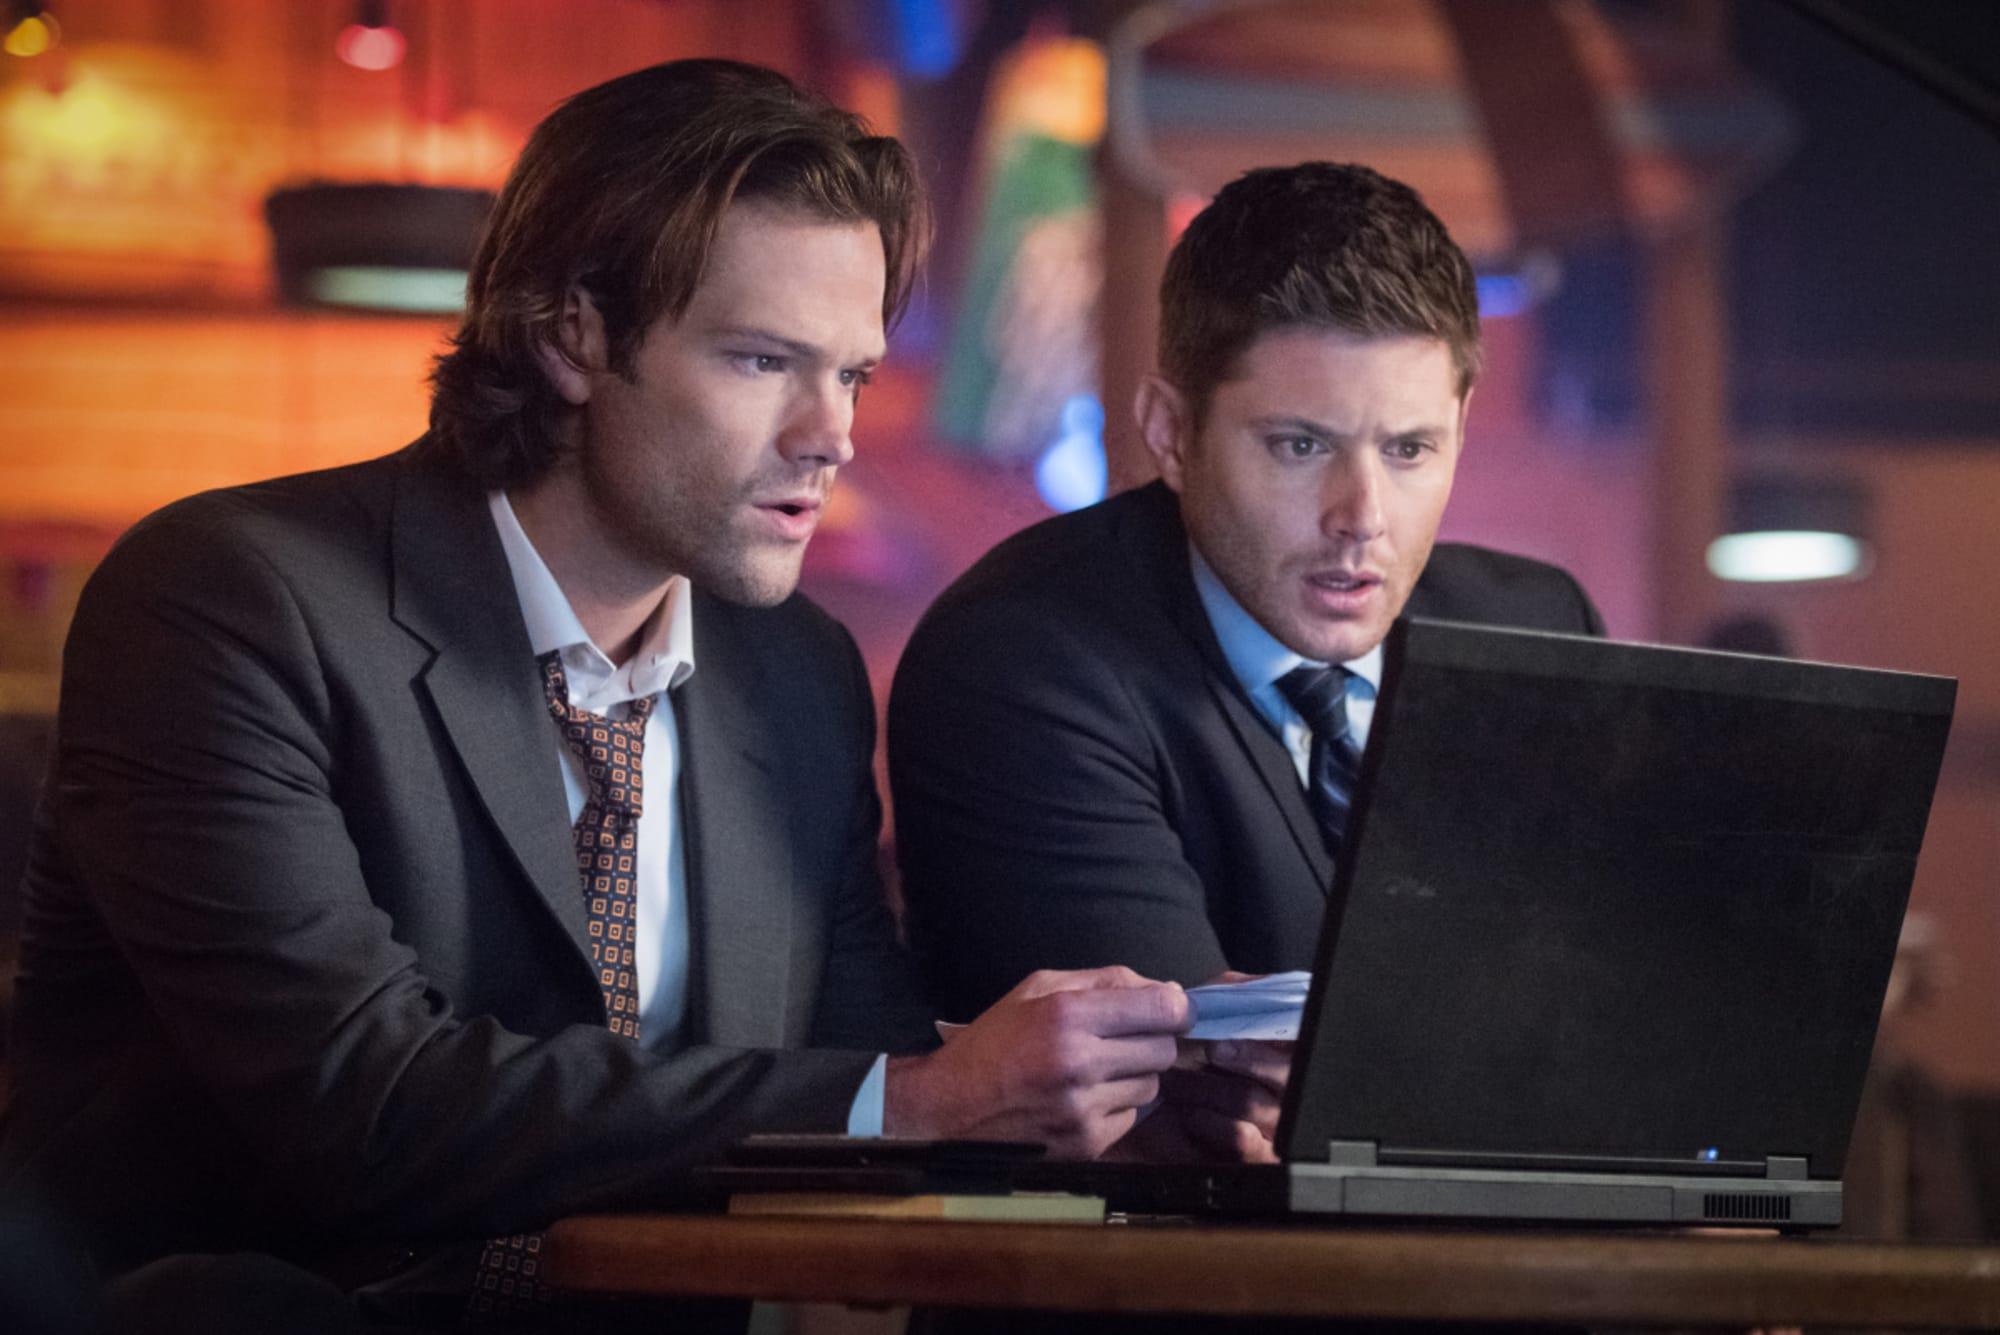 supernatural season 12 episode 20 free download